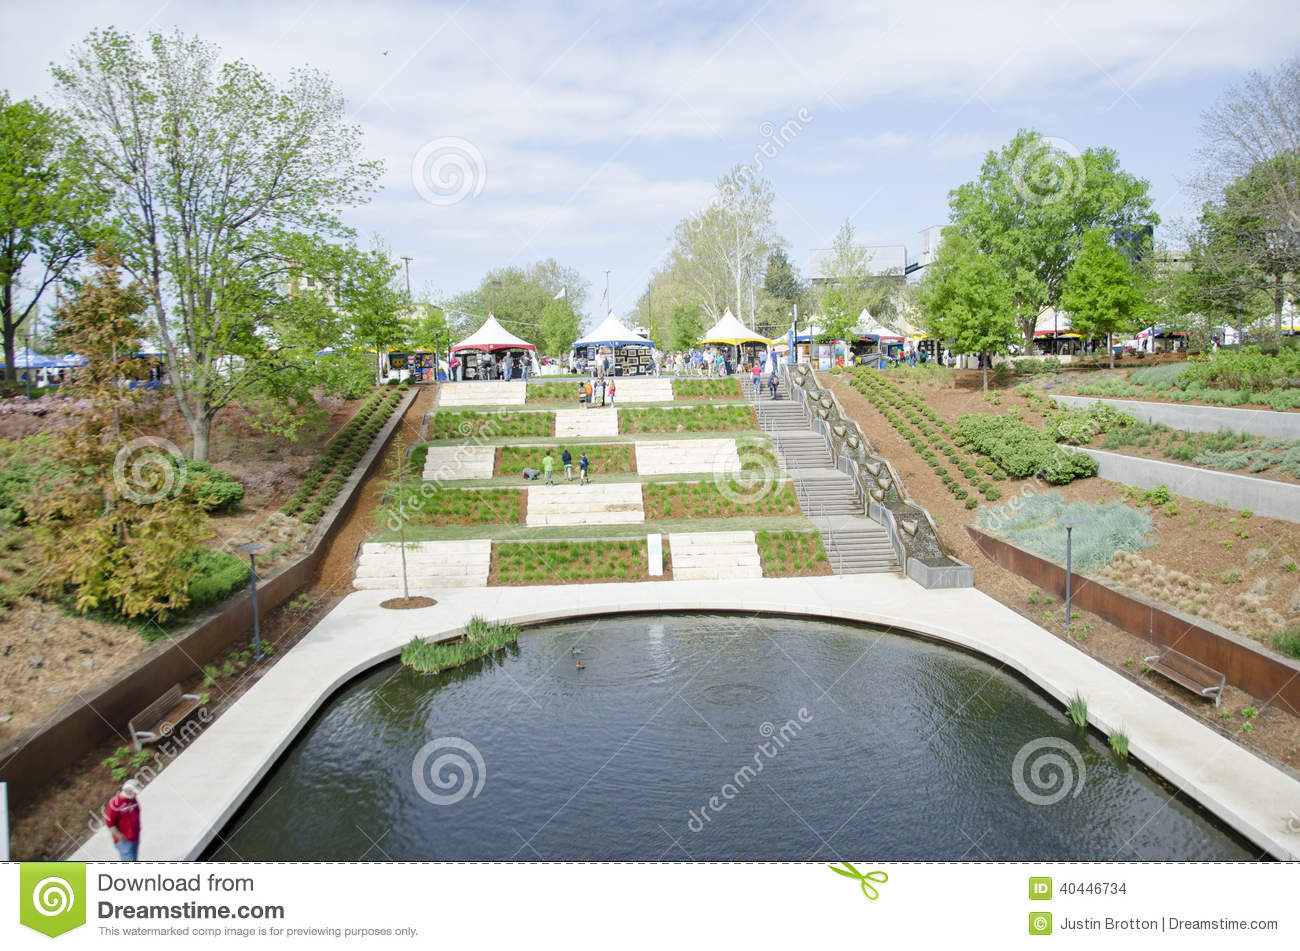 Myriad garden clipart #9